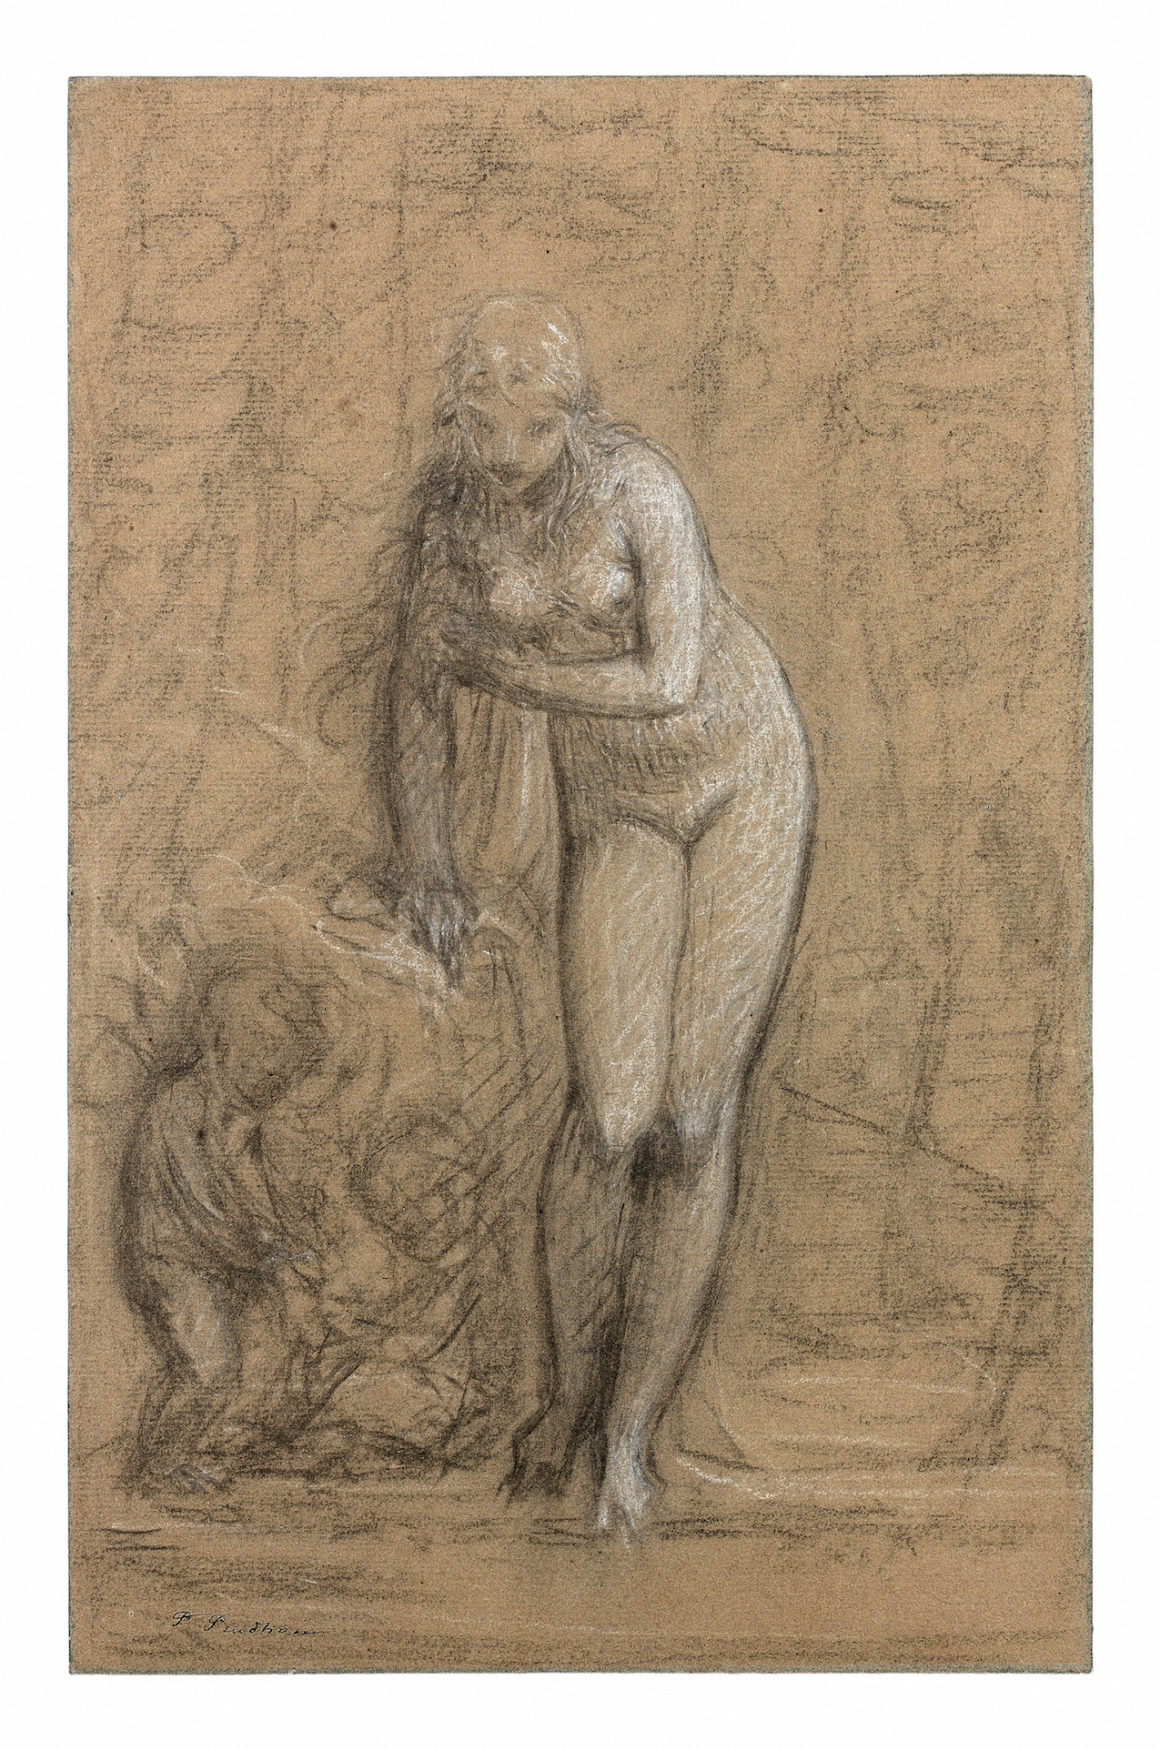 Pierre-Paul Prud'hon Vénus au bain ou L'Innocence Pierre noire et craie blanche sur papier anciennement bleu 382 x 244 mm